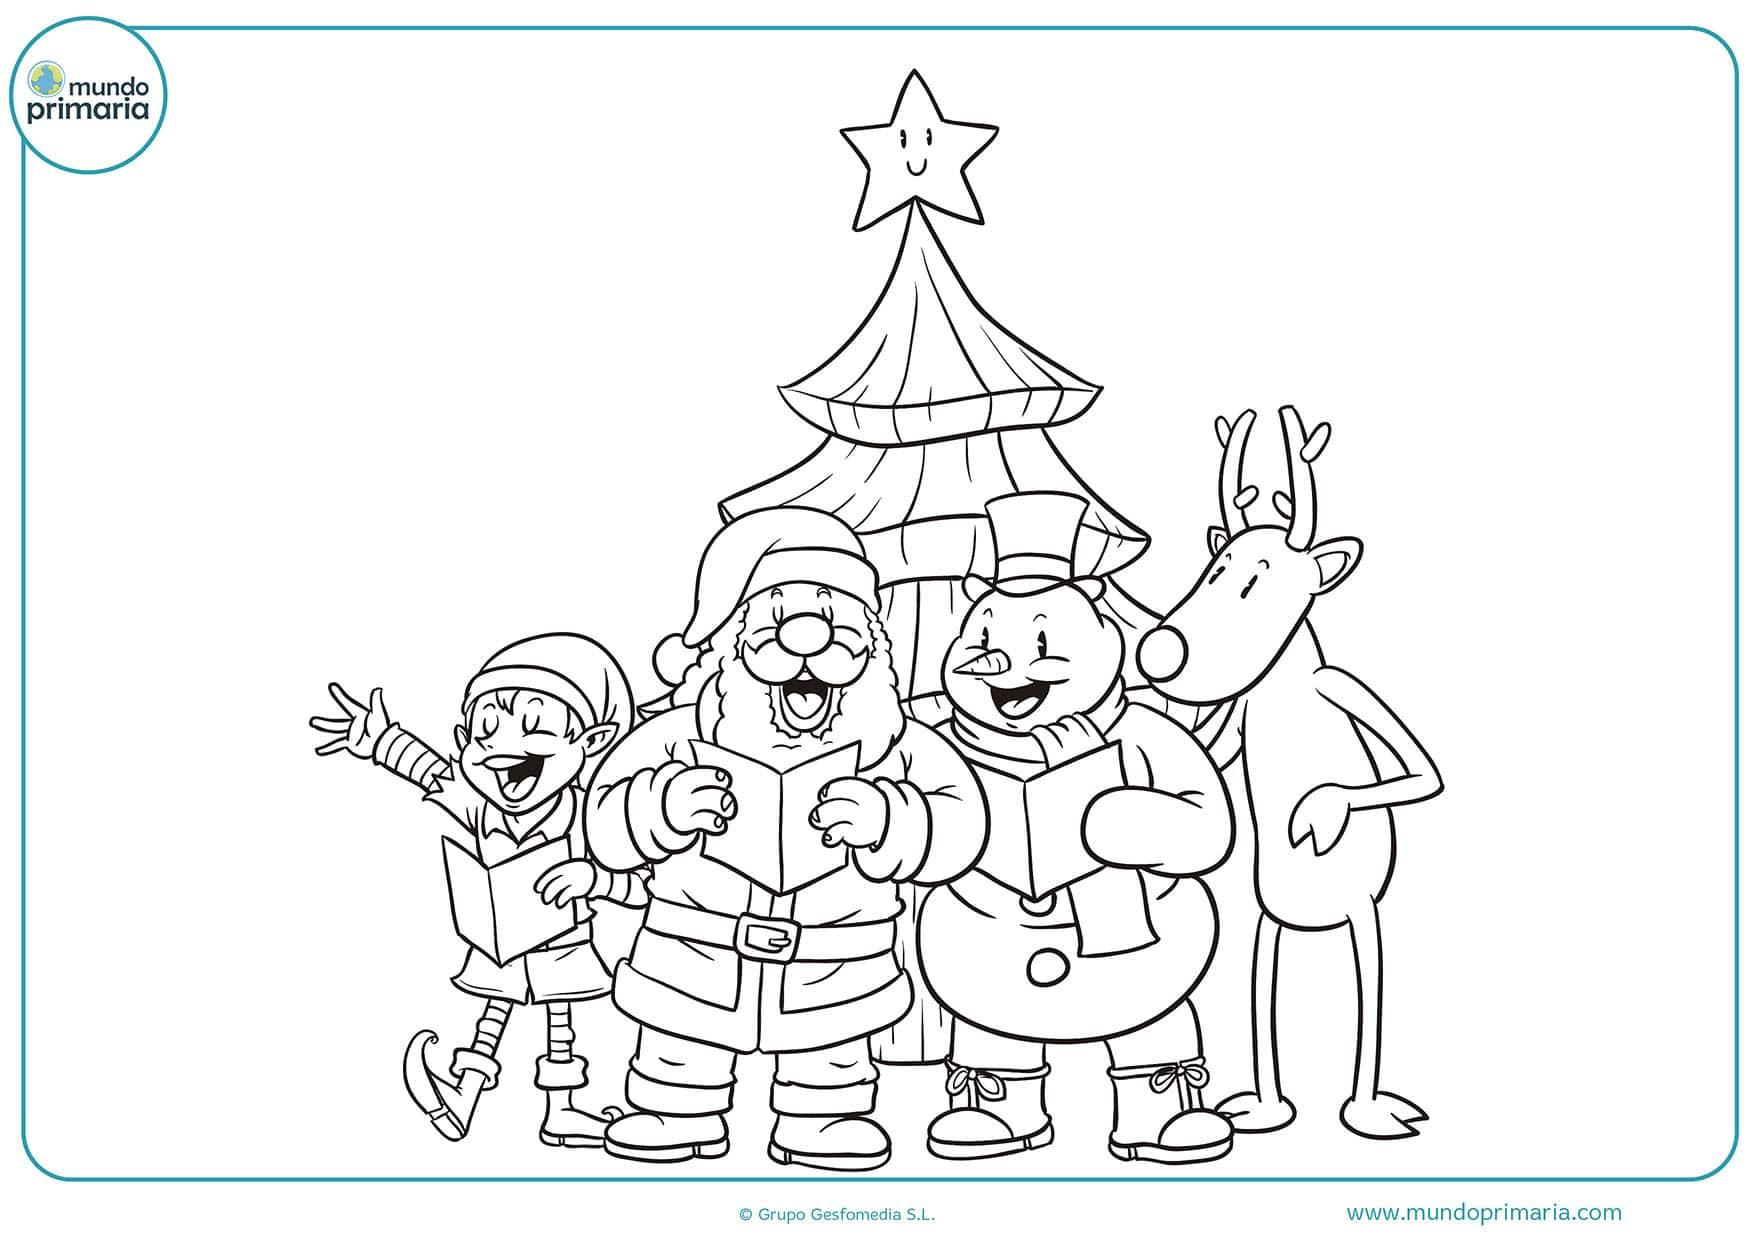 Imagenes De Niños Pintando Para Colorear: Dibujos De Navidad Para Colorear E Imprimir 【Originales Y